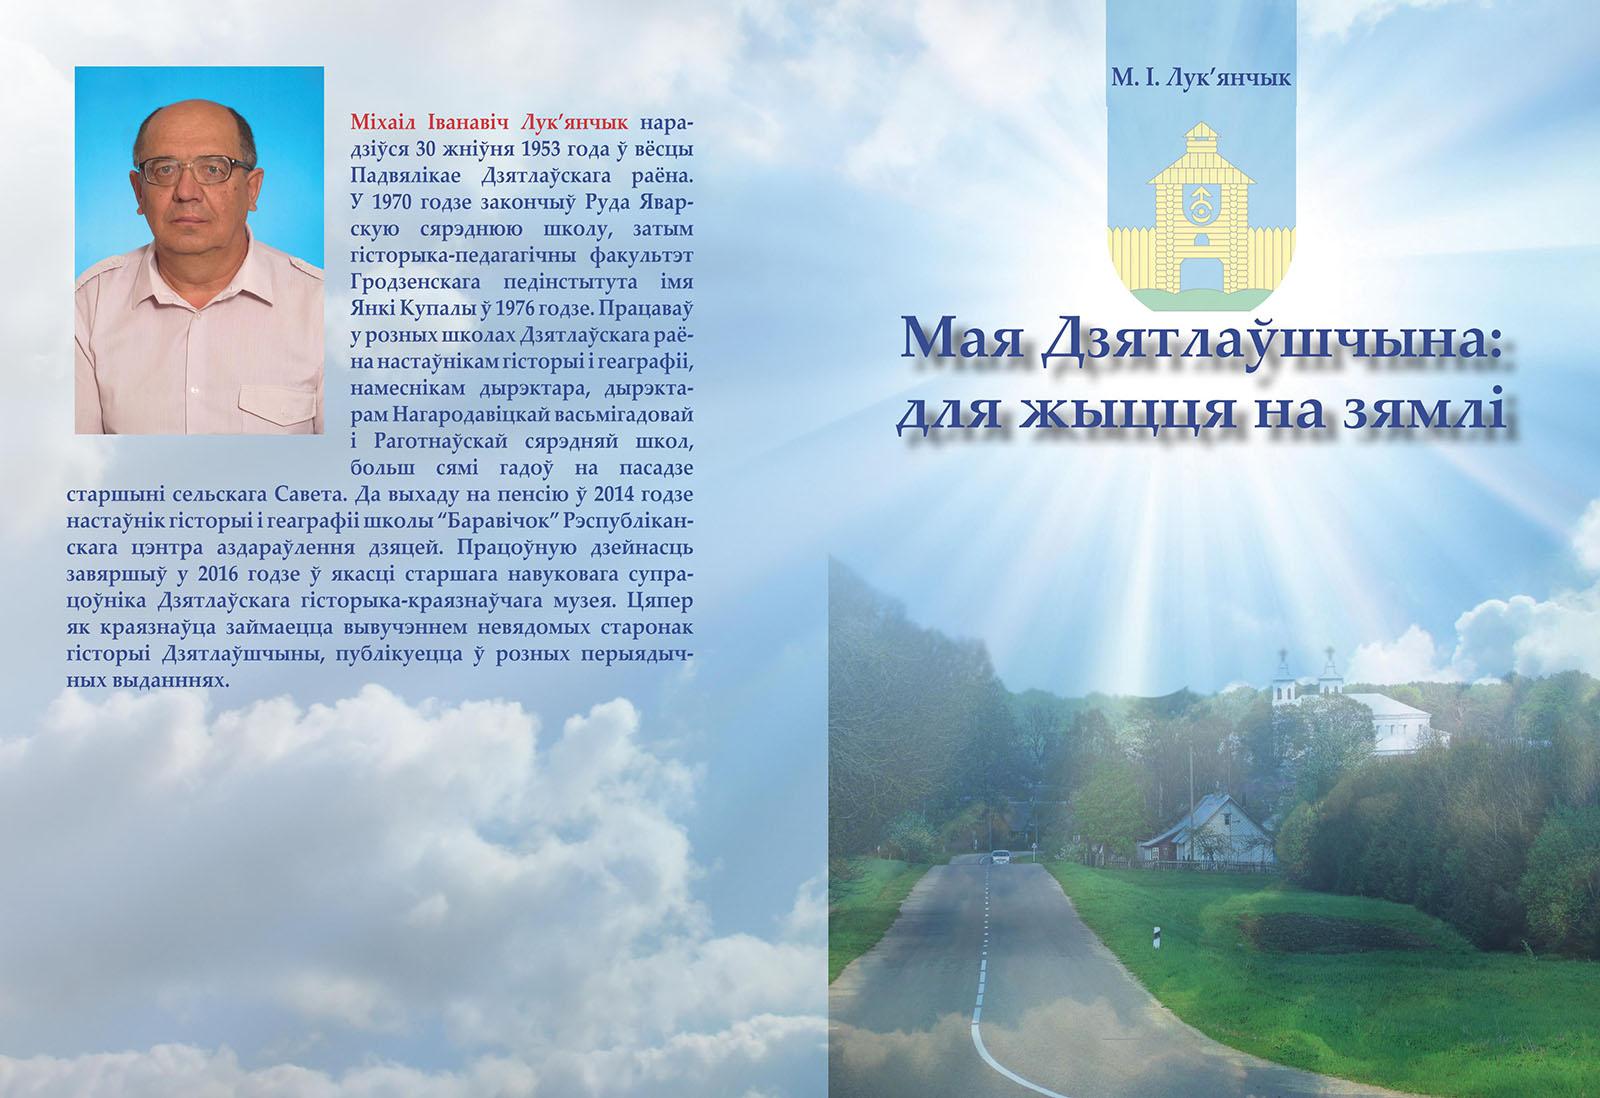 М. І. Лук'янчык, «Мая Дзятлаўшчына: для жыцця на зямлі»